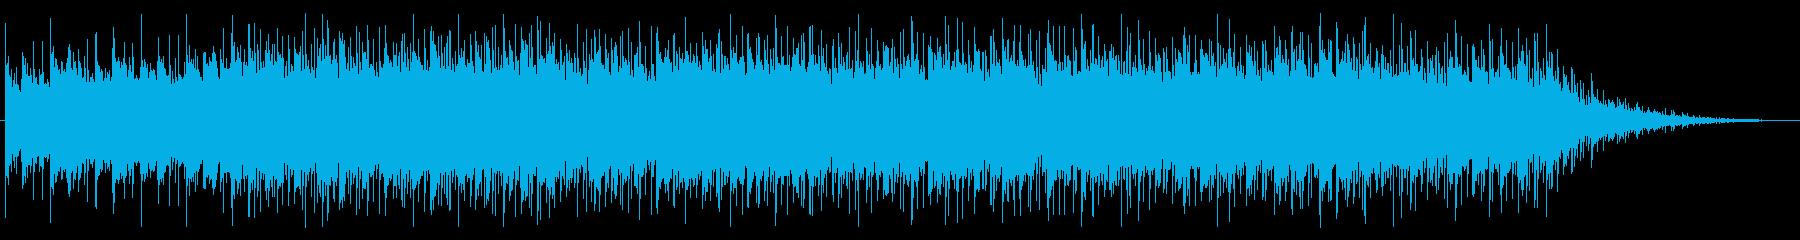 始まりを感じさせるシンセとアコギの再生済みの波形